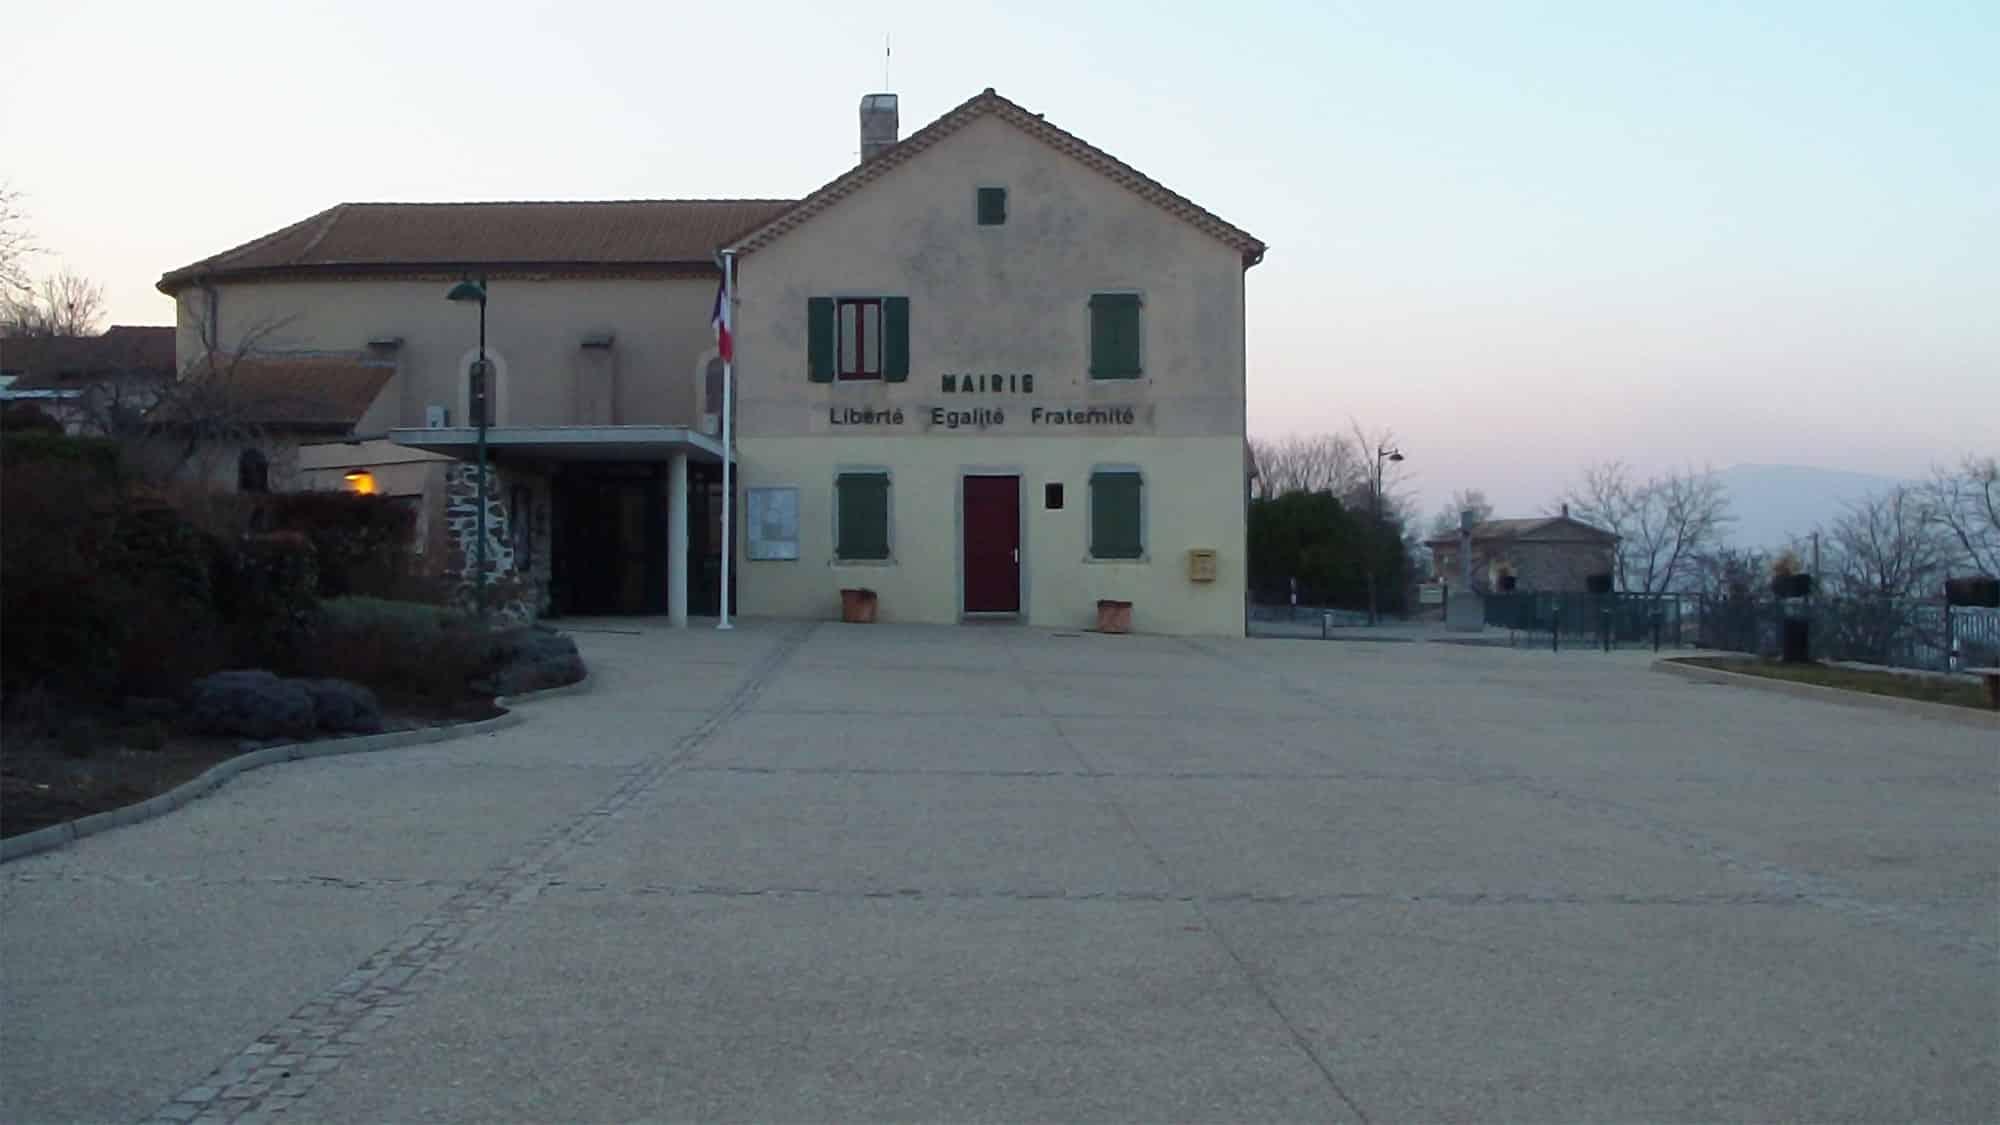 saint-bausile-mairie